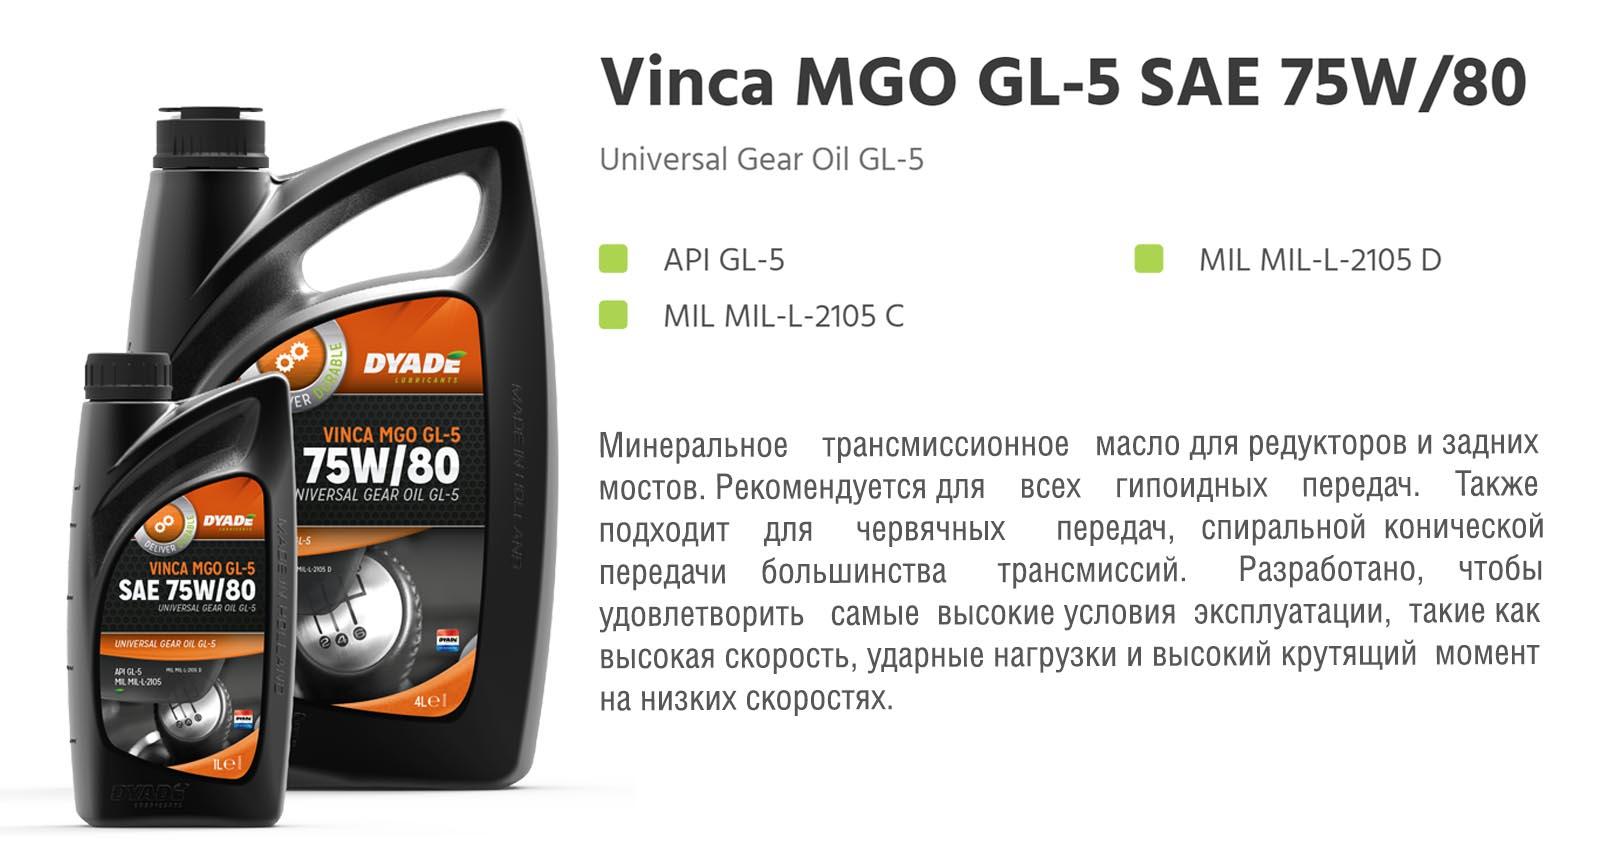 Масло трансмиссионное Vinca MGO GL-5 SAE 75W80 (1L) 086448 dyadelubricants